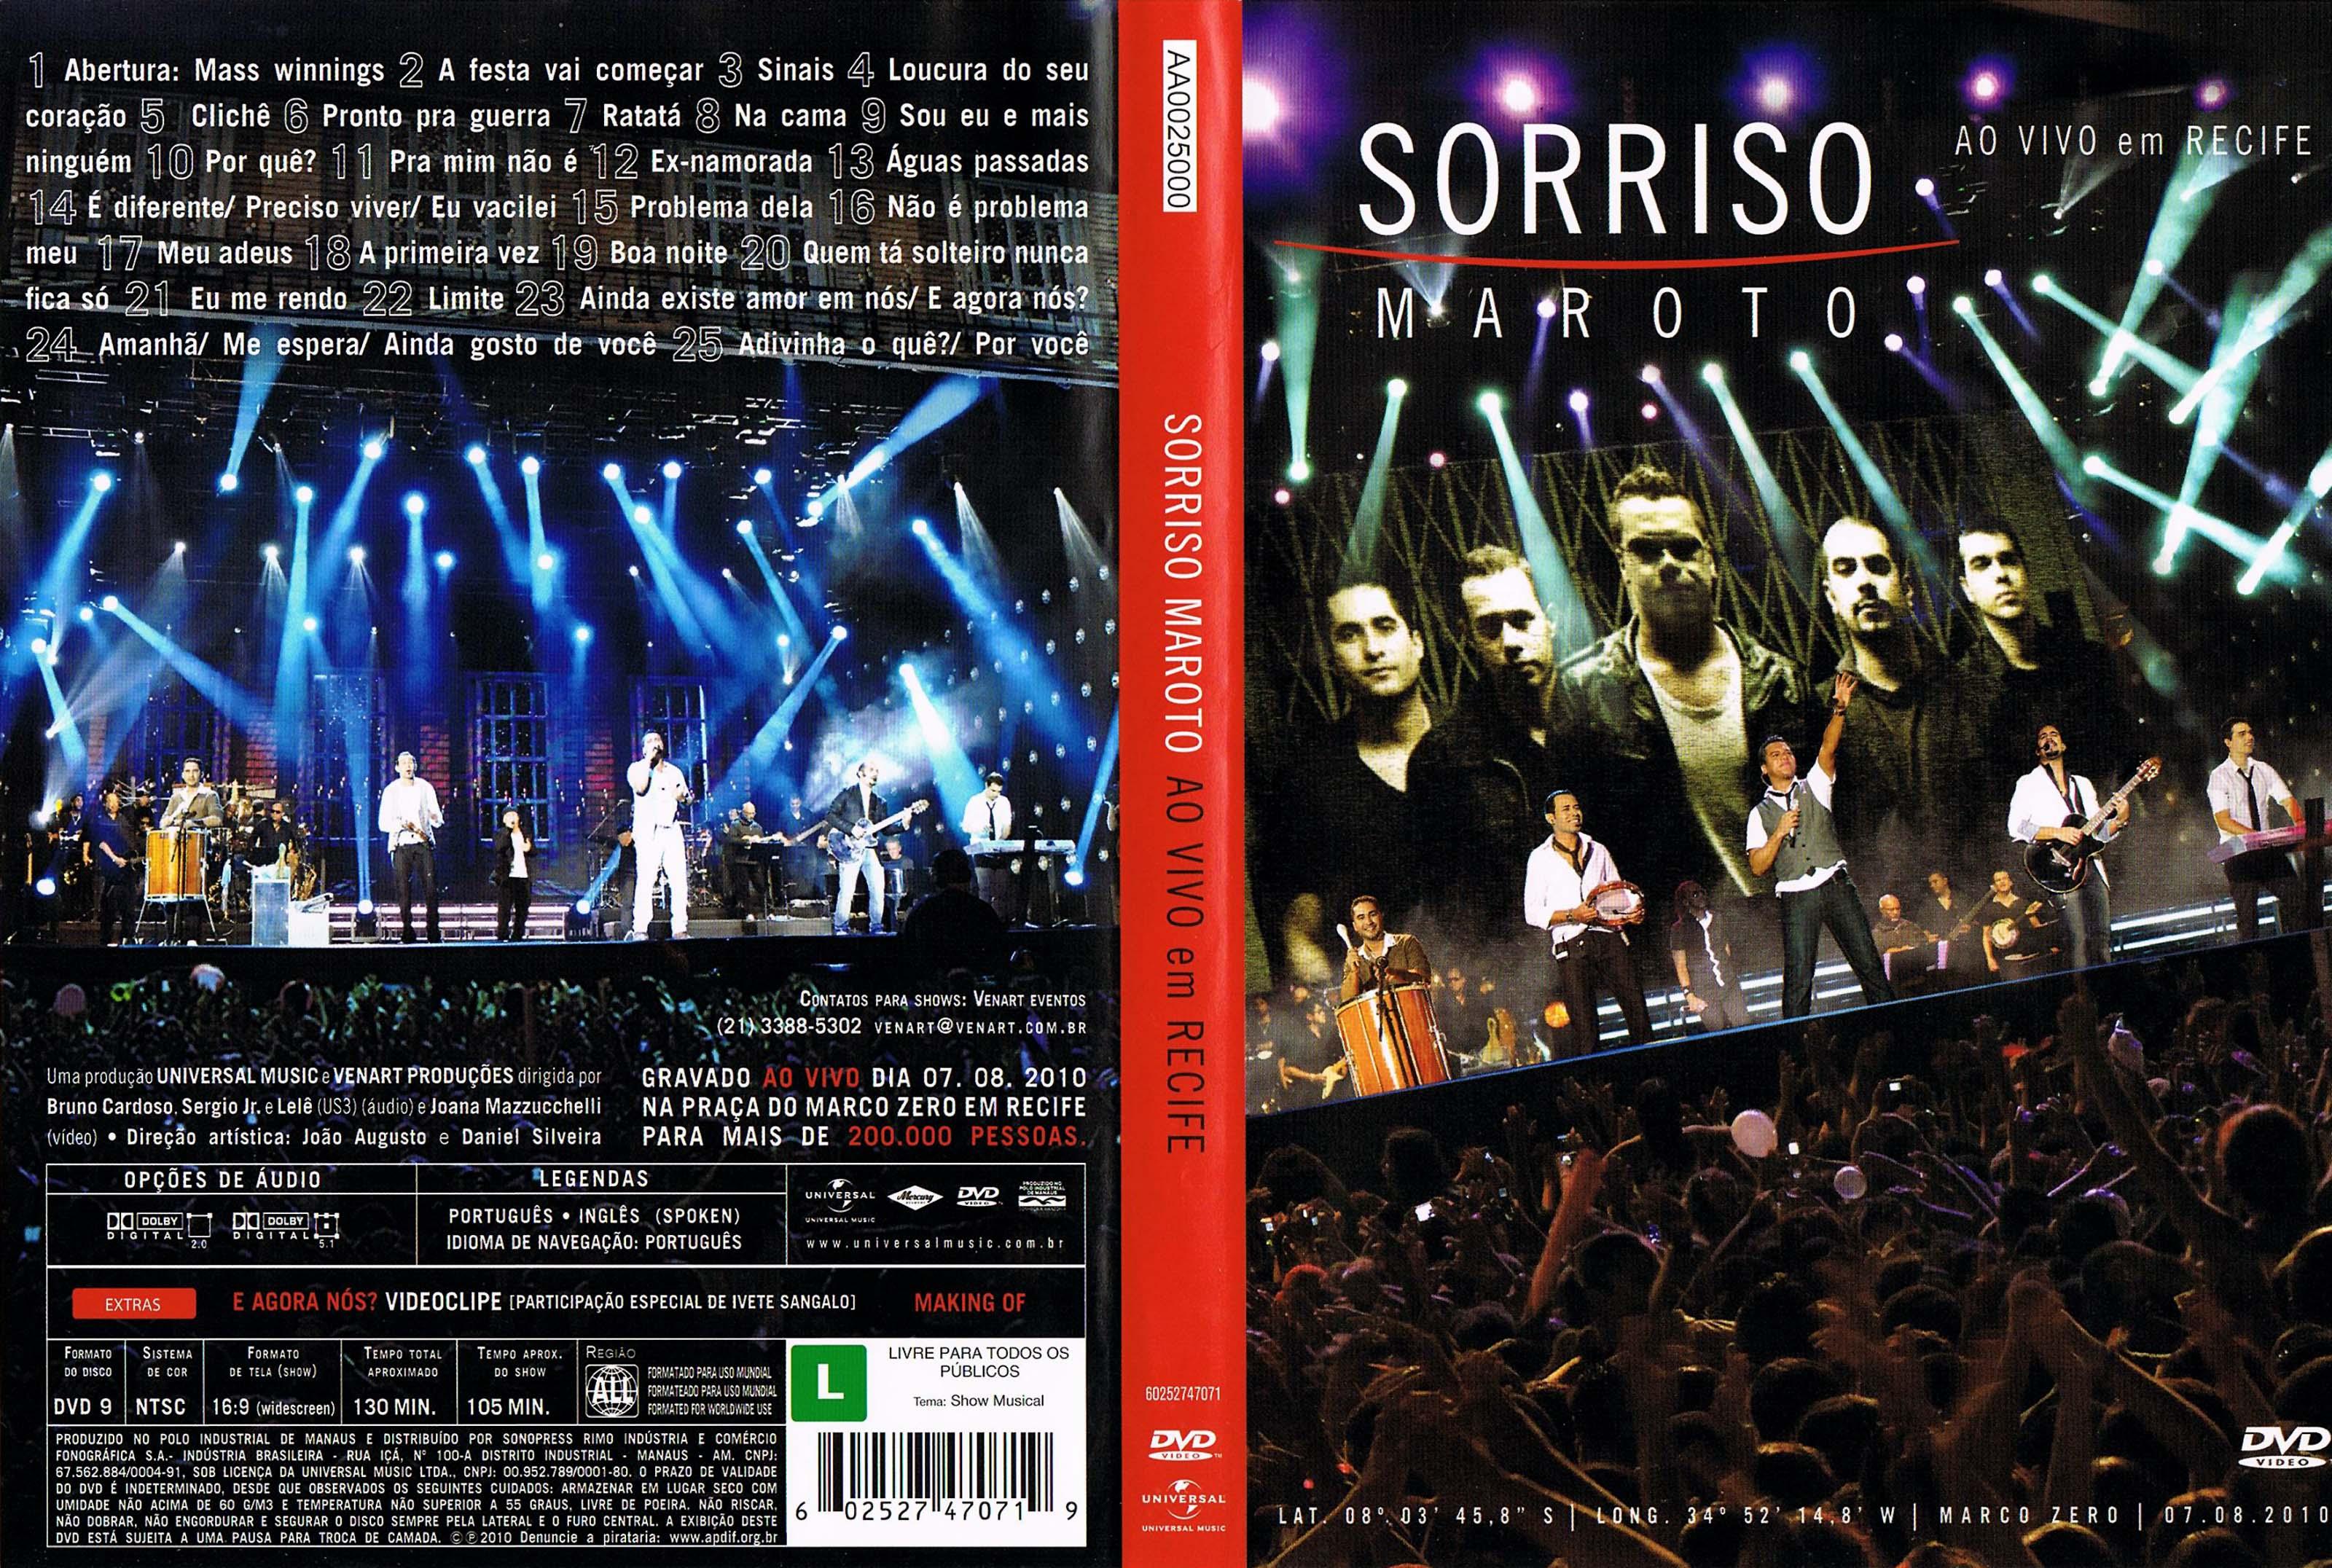 cd sorriso maroto 2011